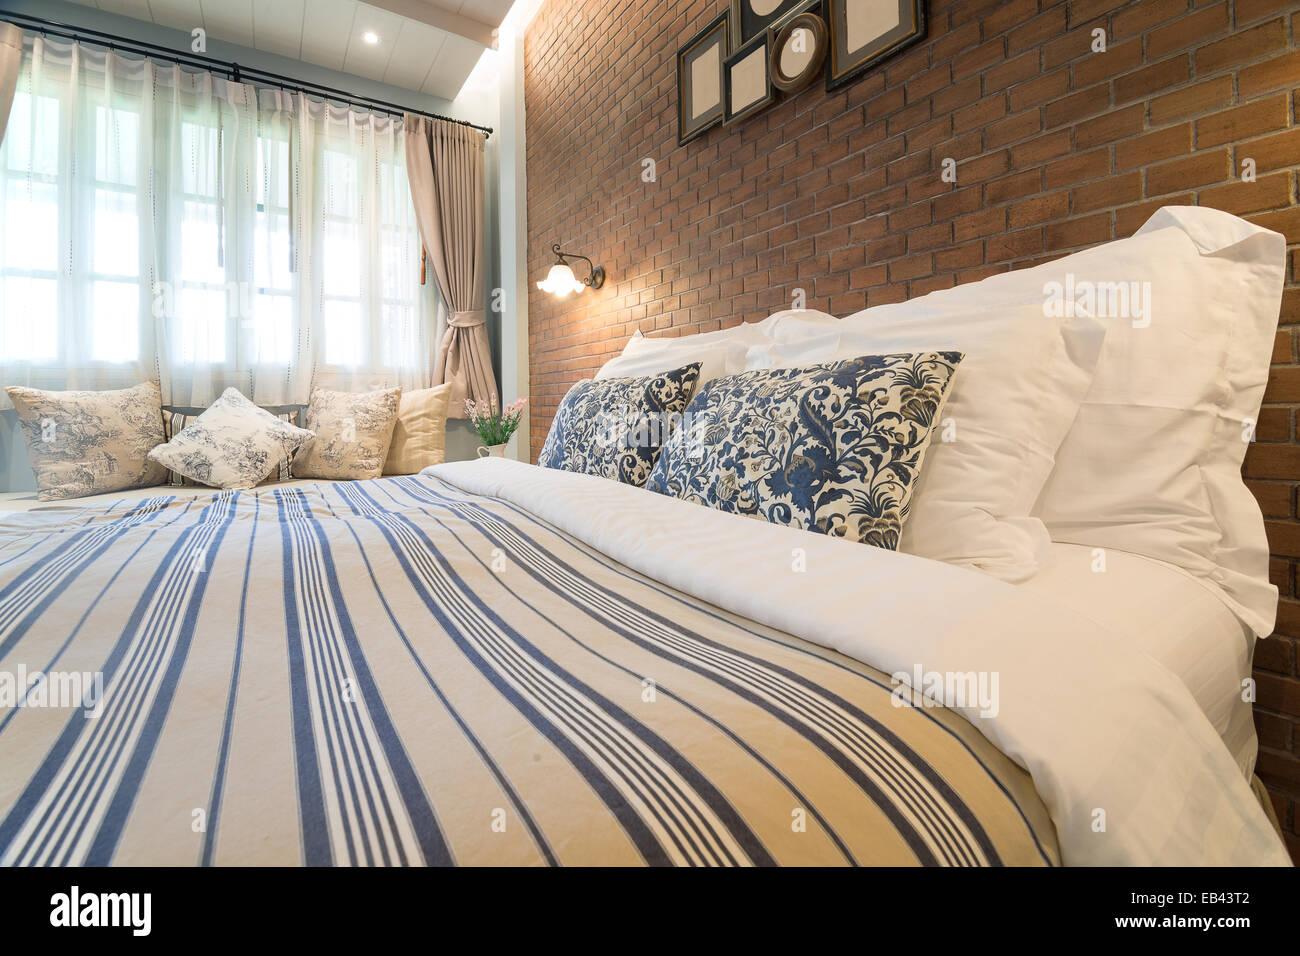 Stile country inglese decorazione camera da letto Foto & Immagine ...